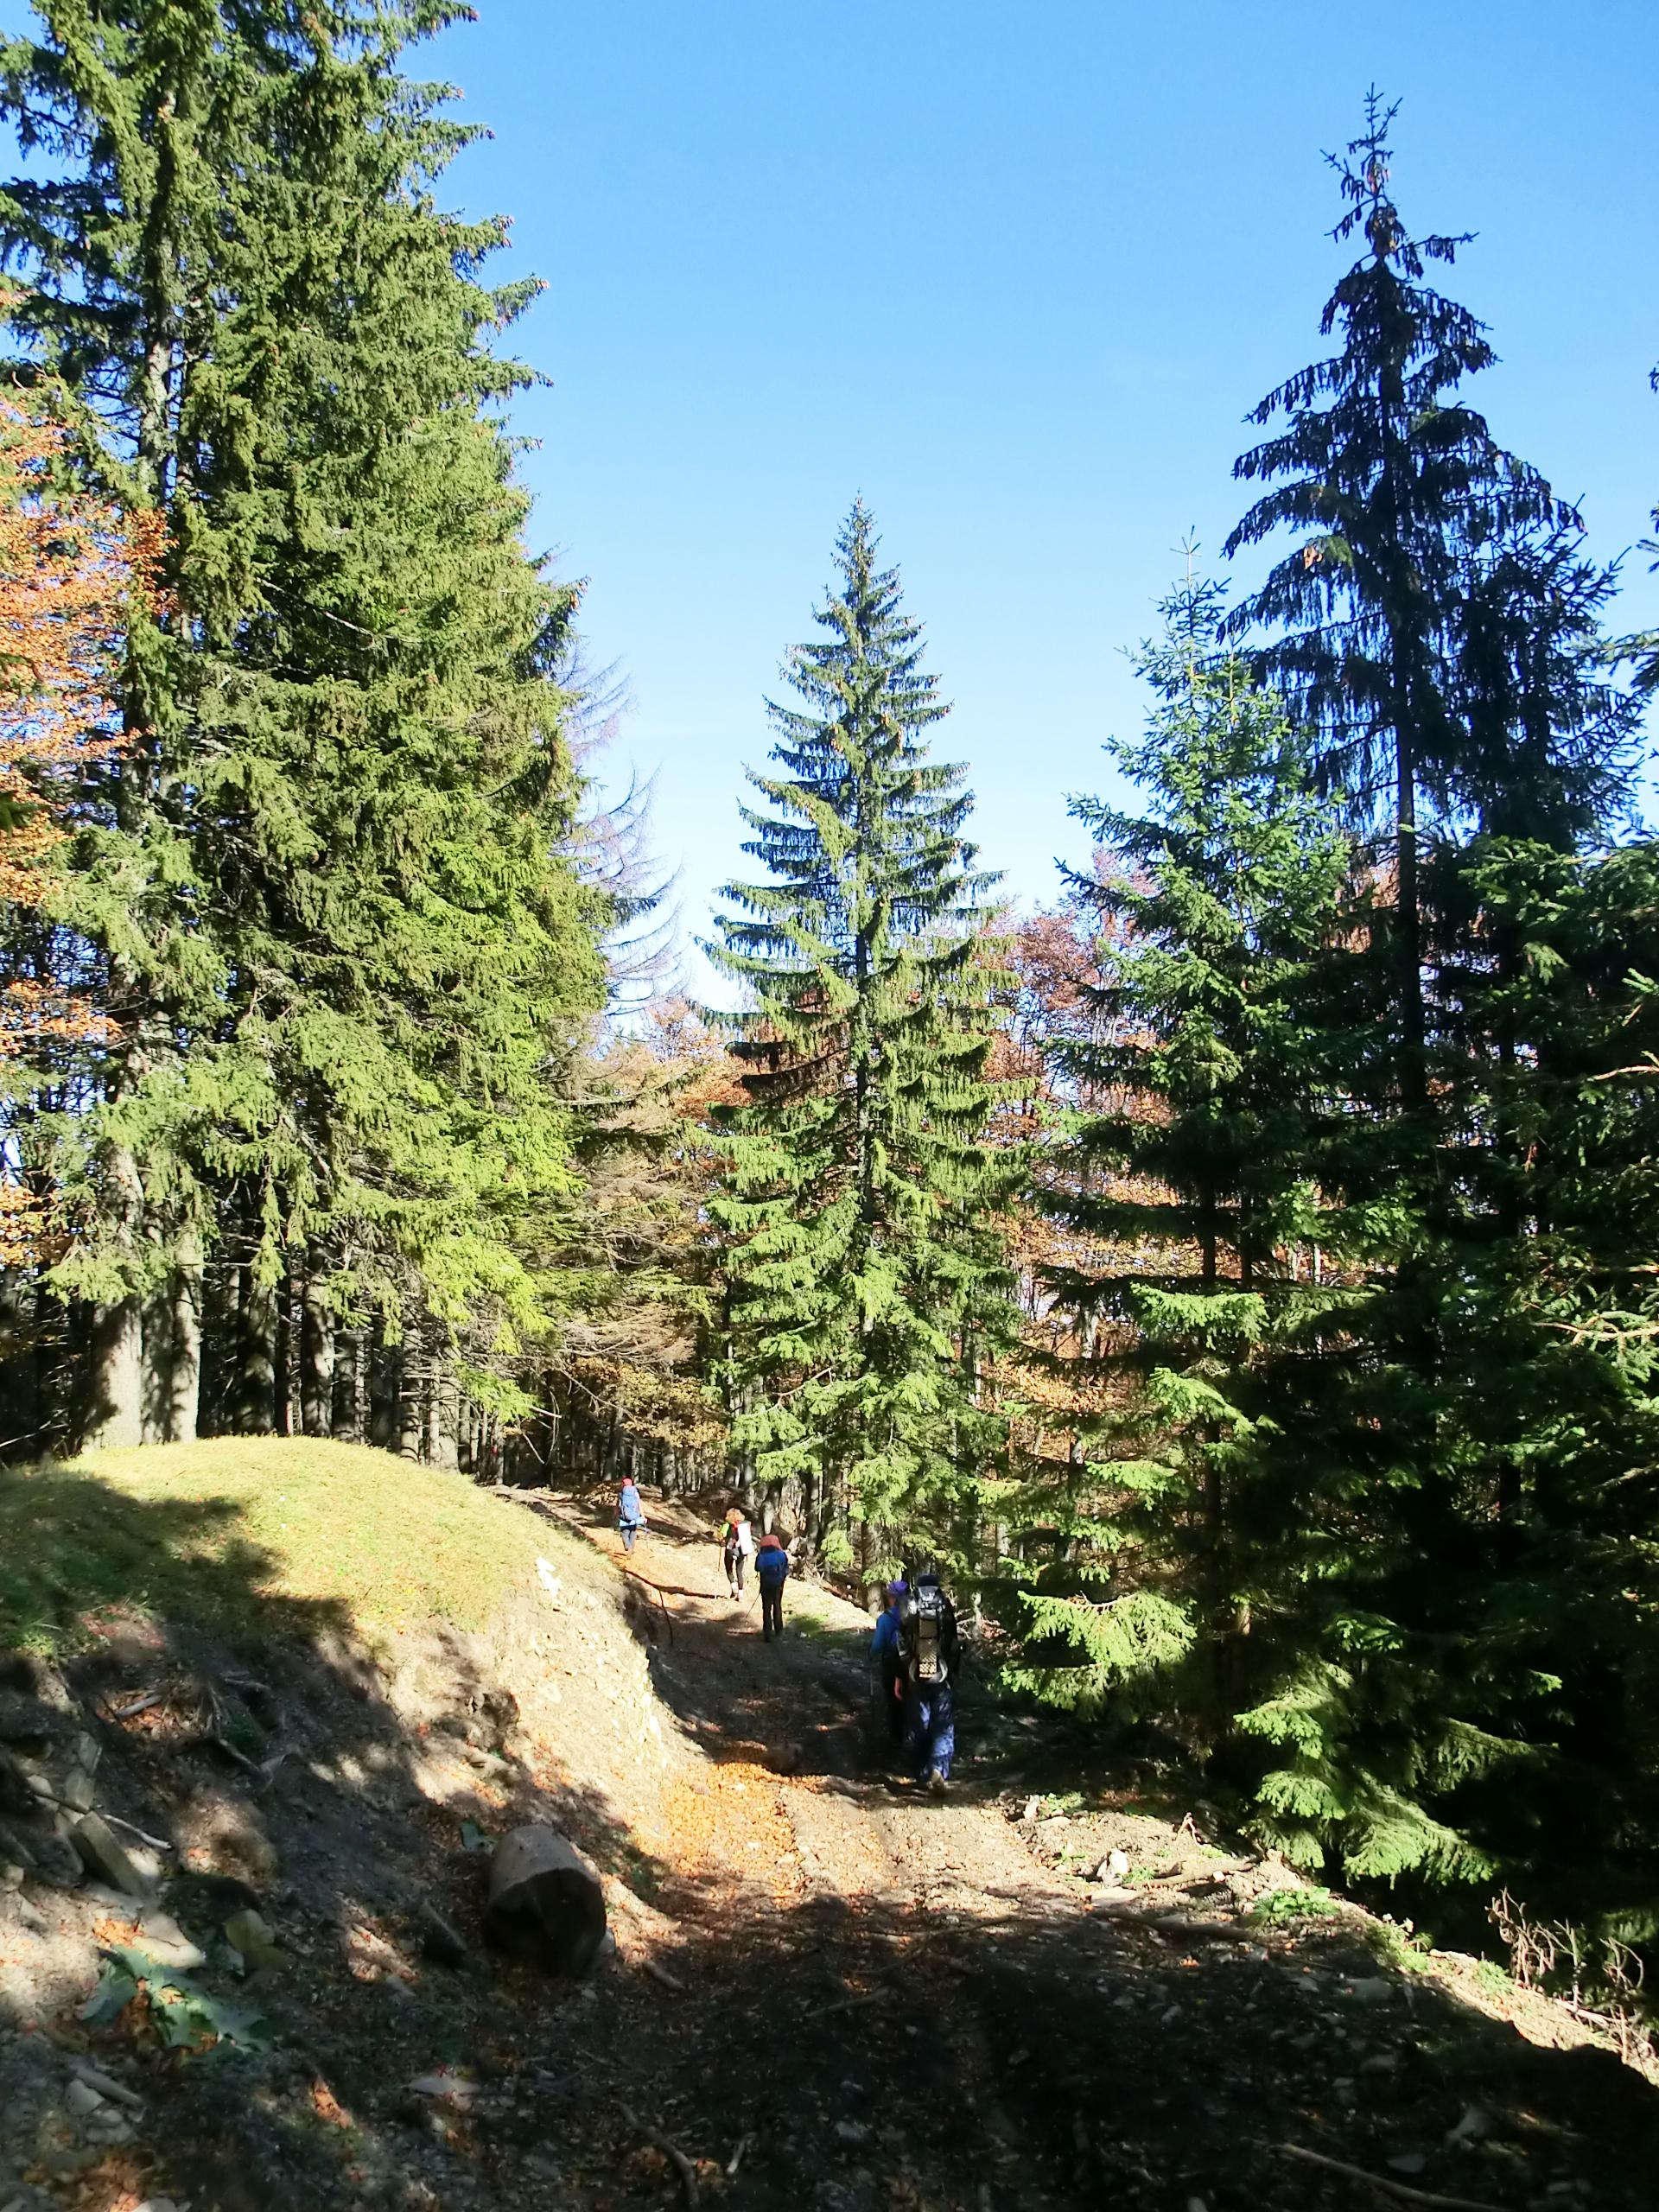 216 - 13.10.2013 - Pe drumul forestier - Tură Muntele Coza